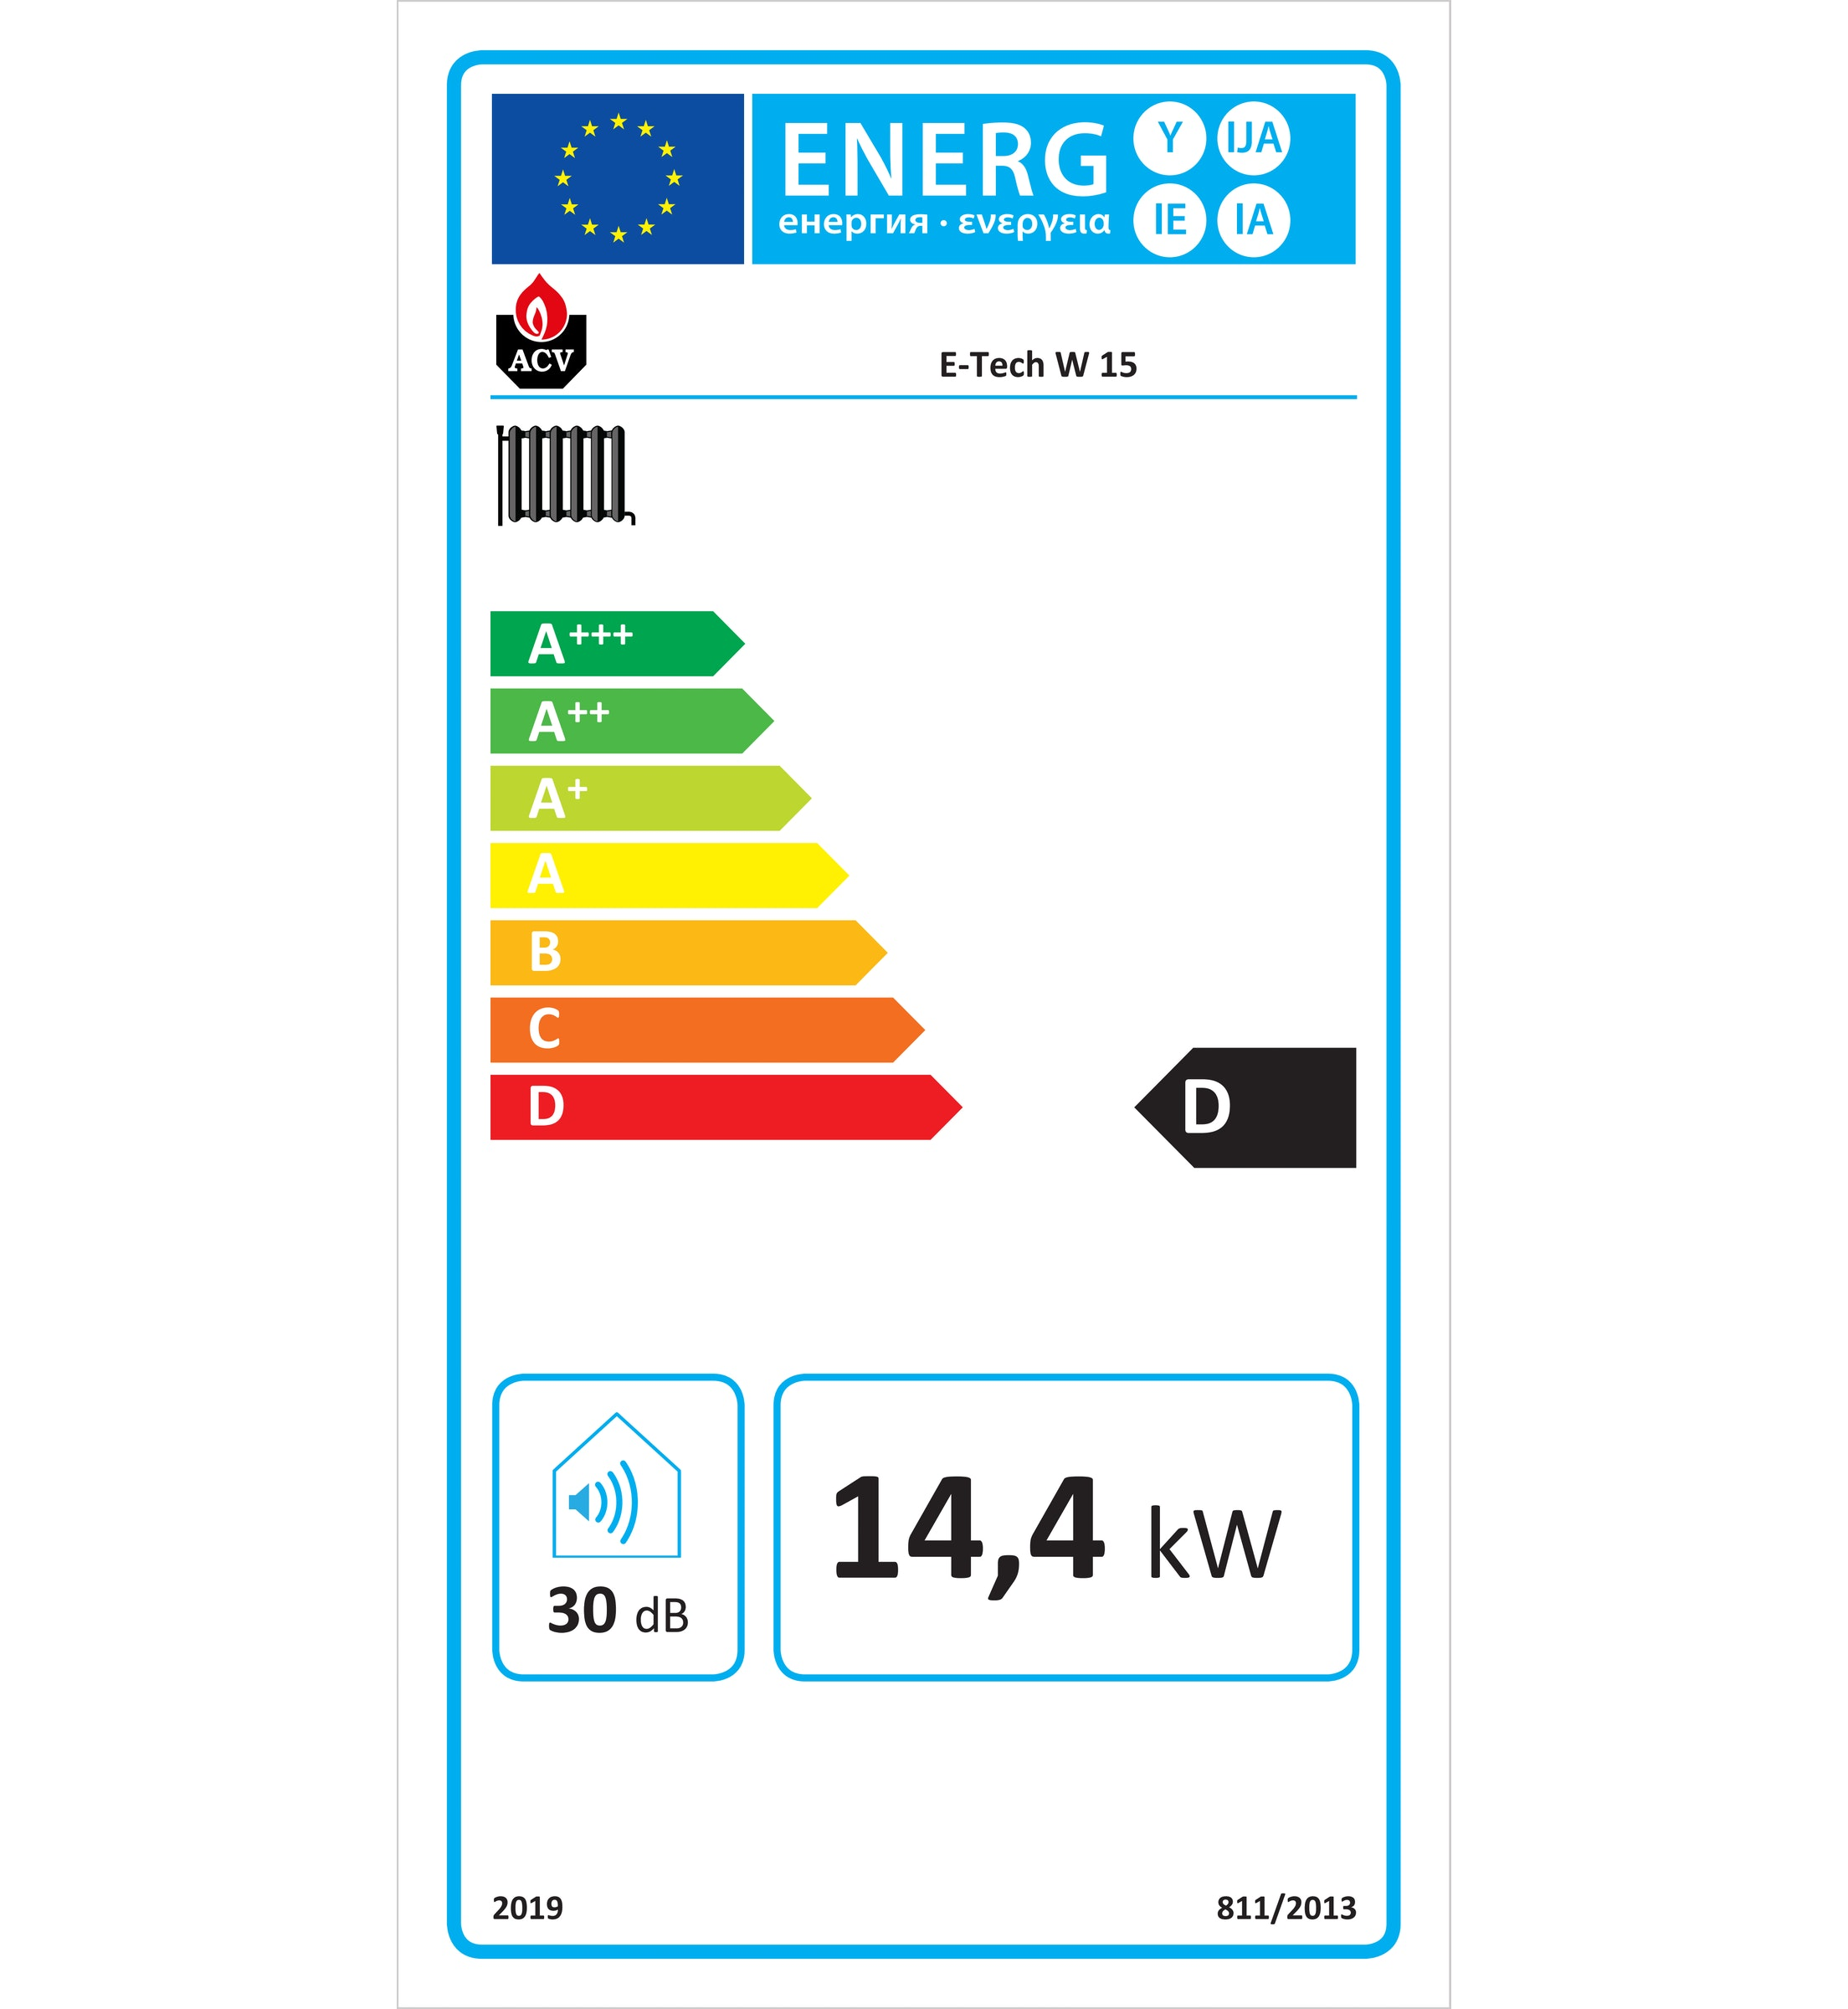 Caldera eléctrica ACV e-tech W15 etiqueta eficiencia energética